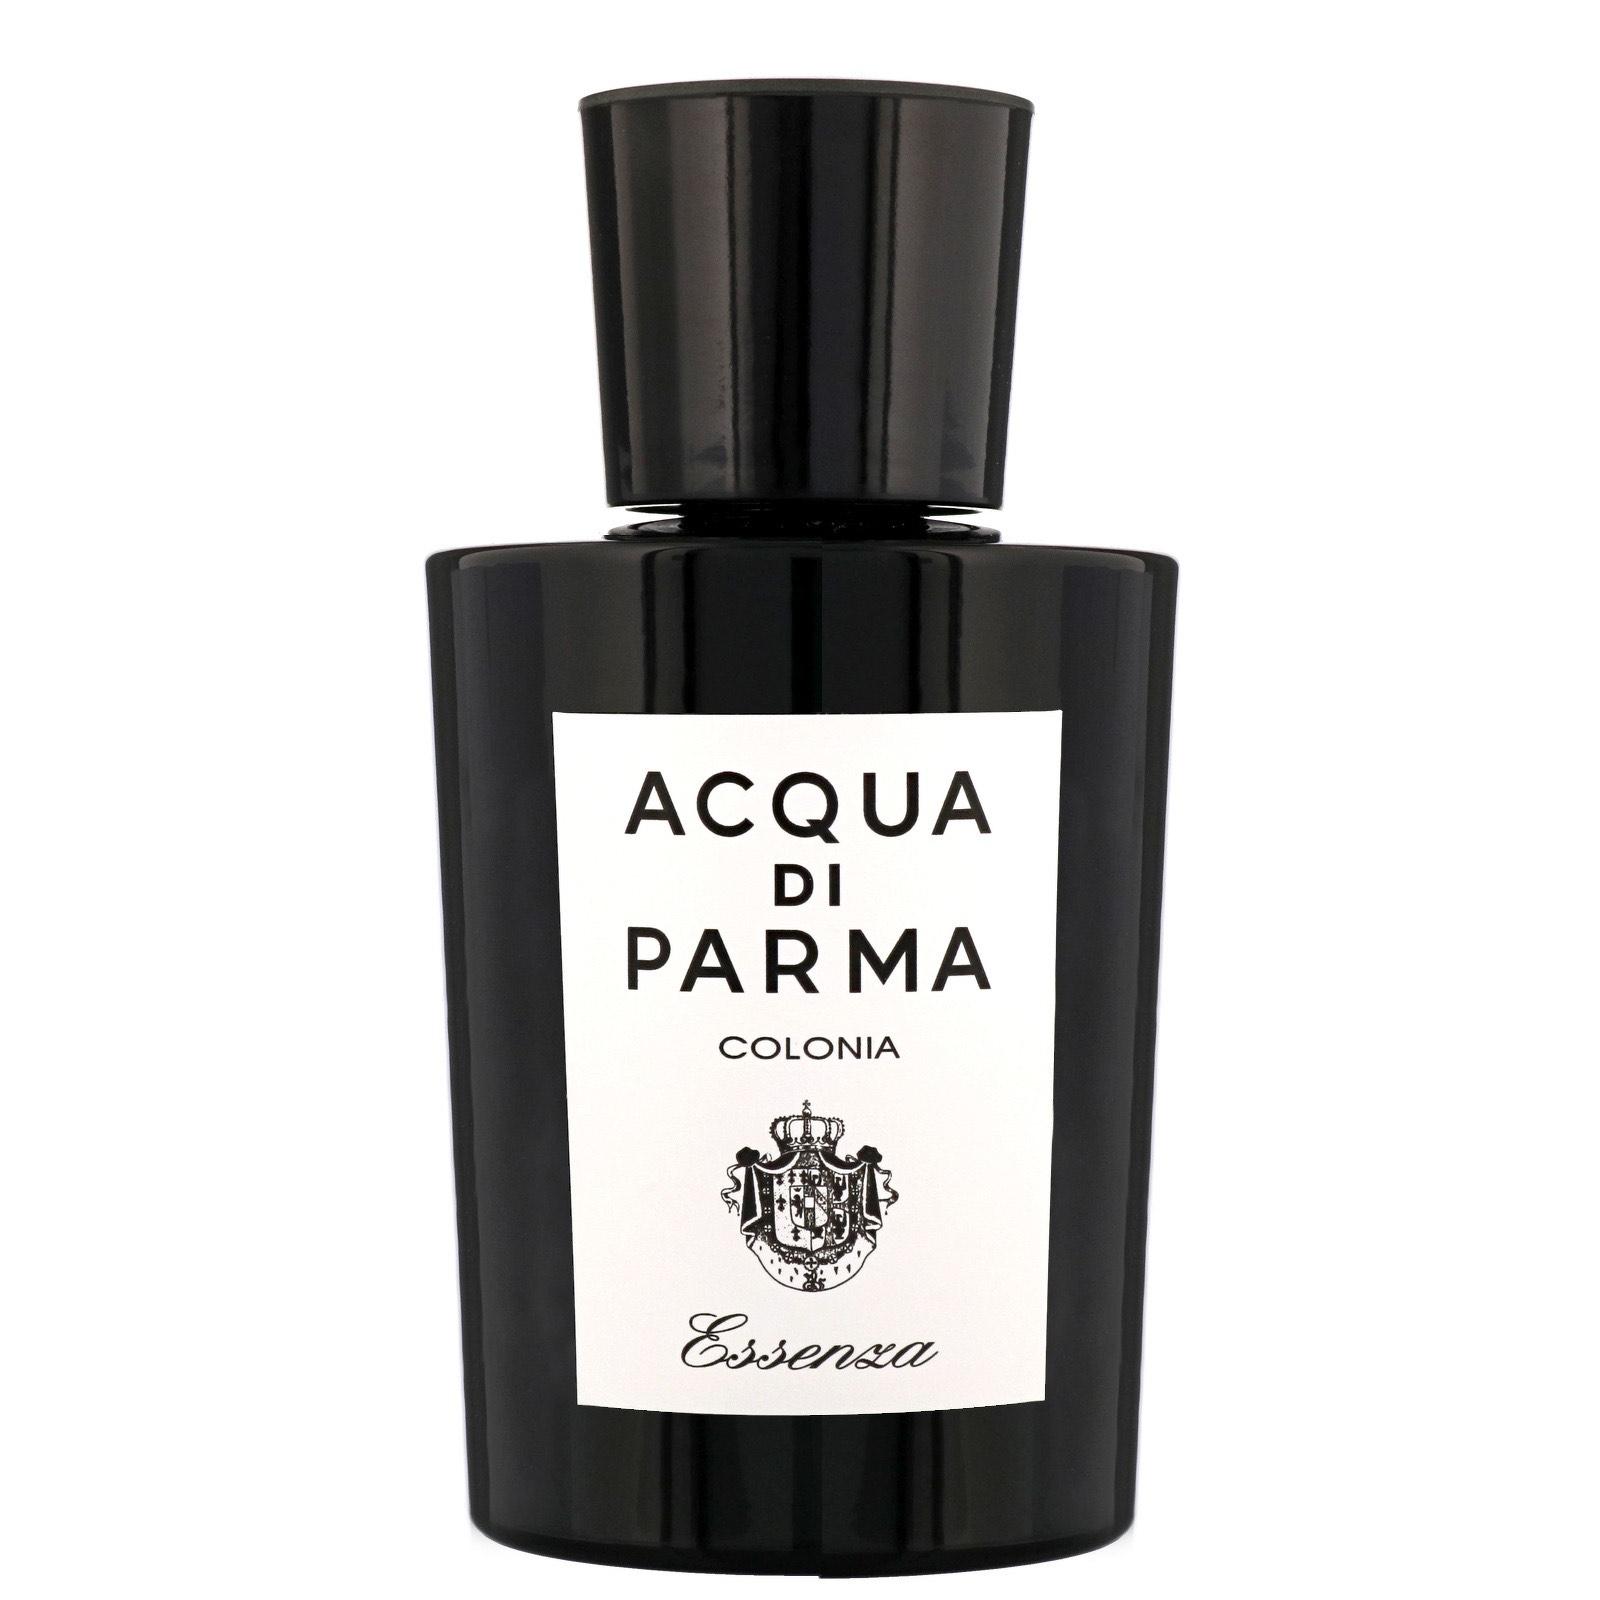 Acqua Di Parma - Colonia Essenza EDT - 100ml - £59.95 @ All Beauty